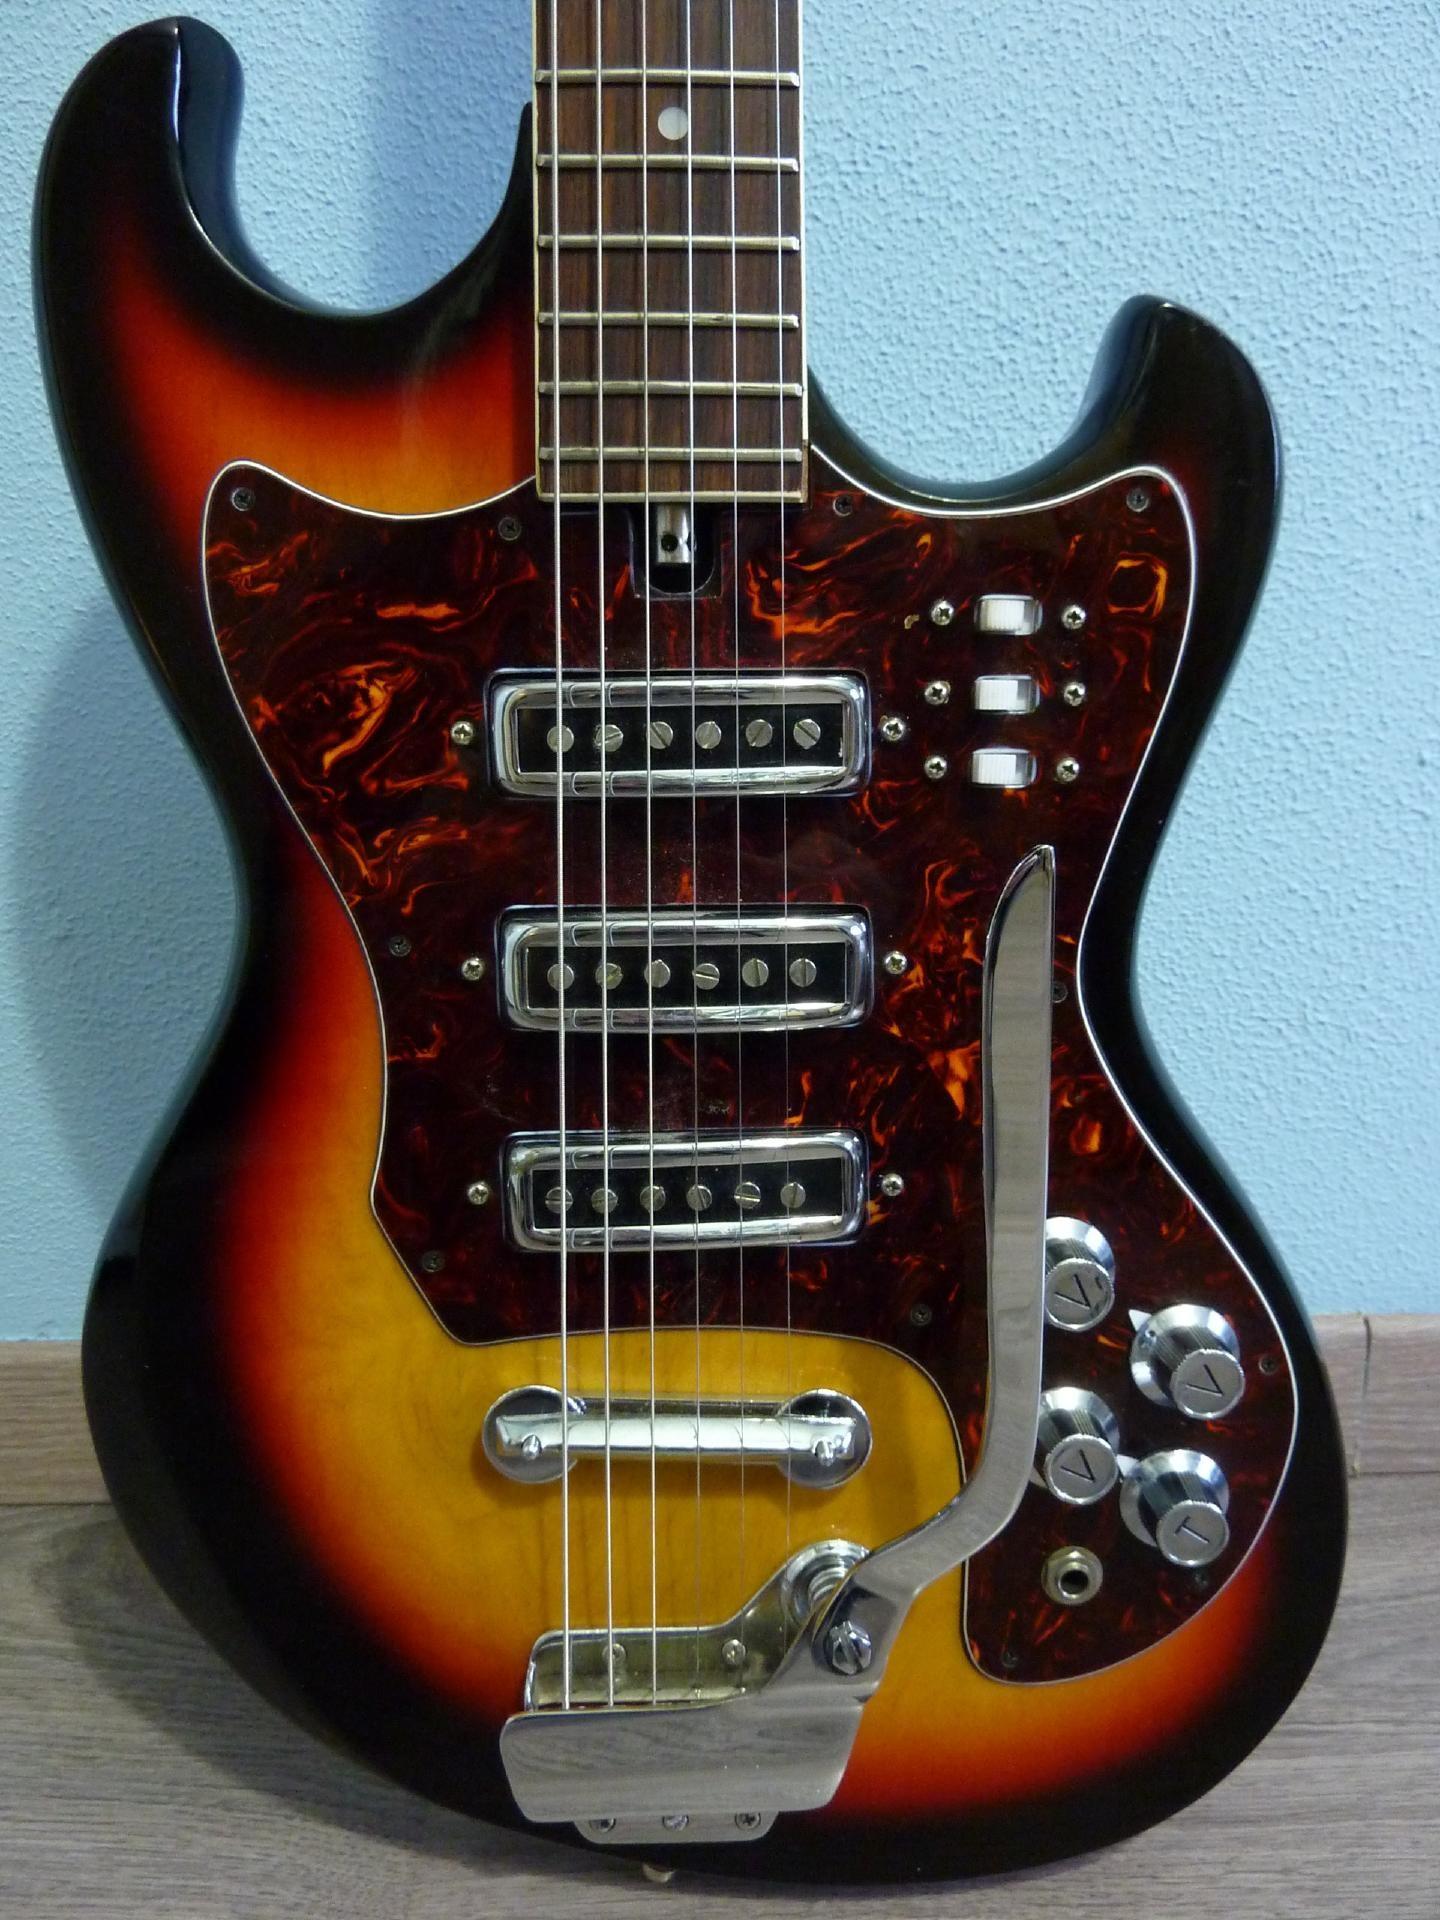 teisco kawai electric guitar buy vintage teisco guitar at hender amps vintage guitar shop. Black Bedroom Furniture Sets. Home Design Ideas